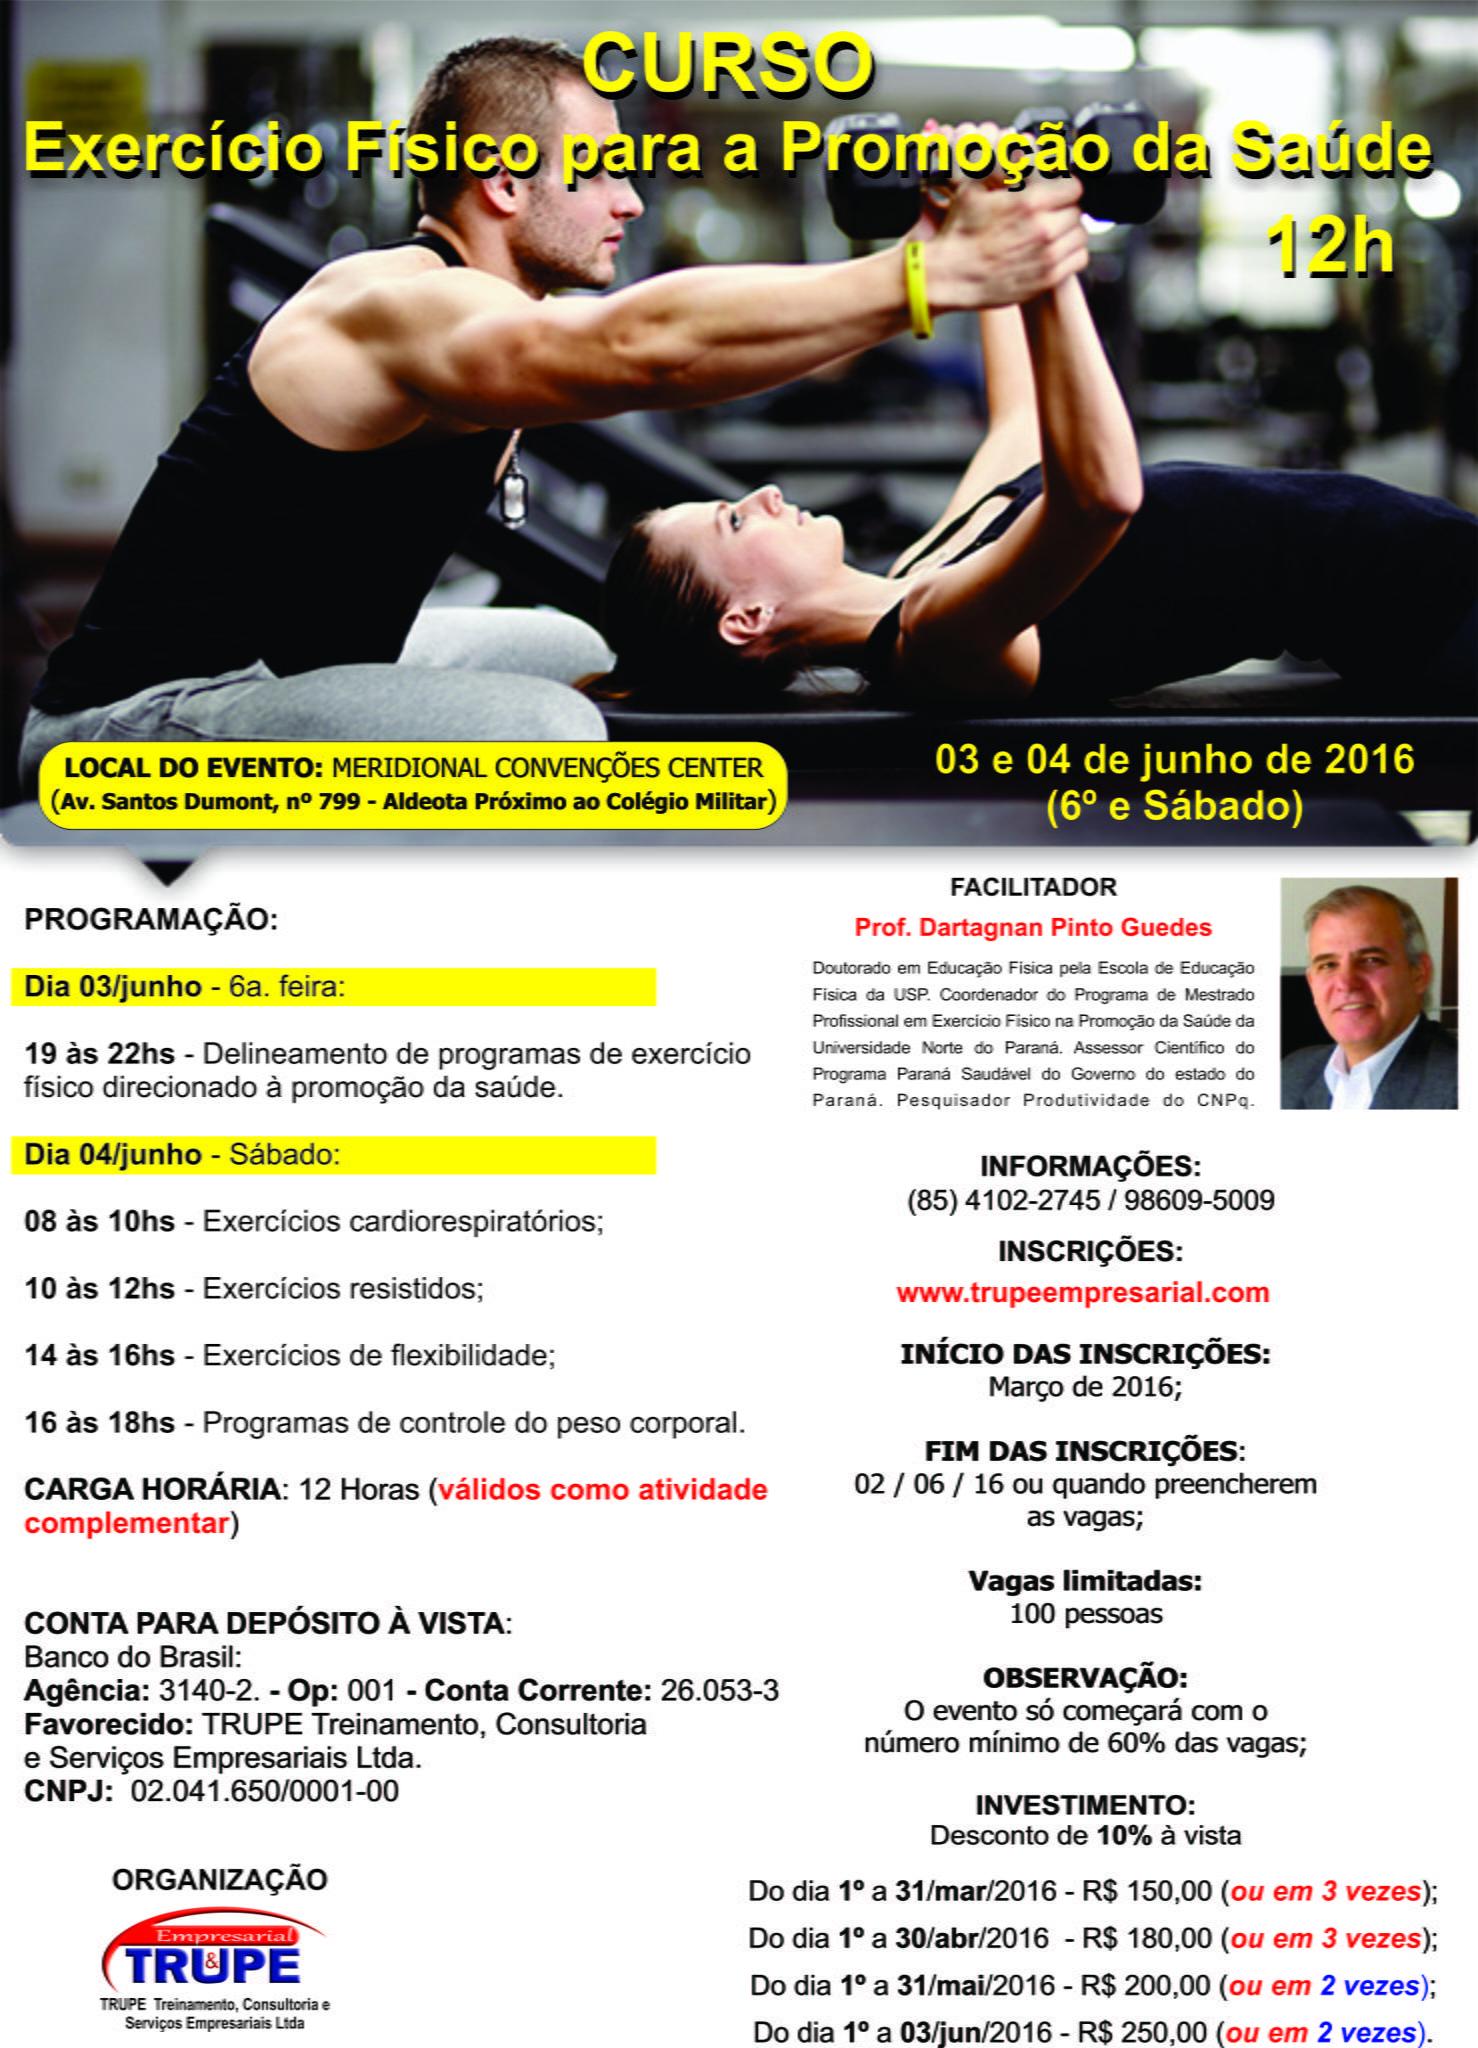 Curso Dartagnan Pinto Guedes junho de 2016.jpg